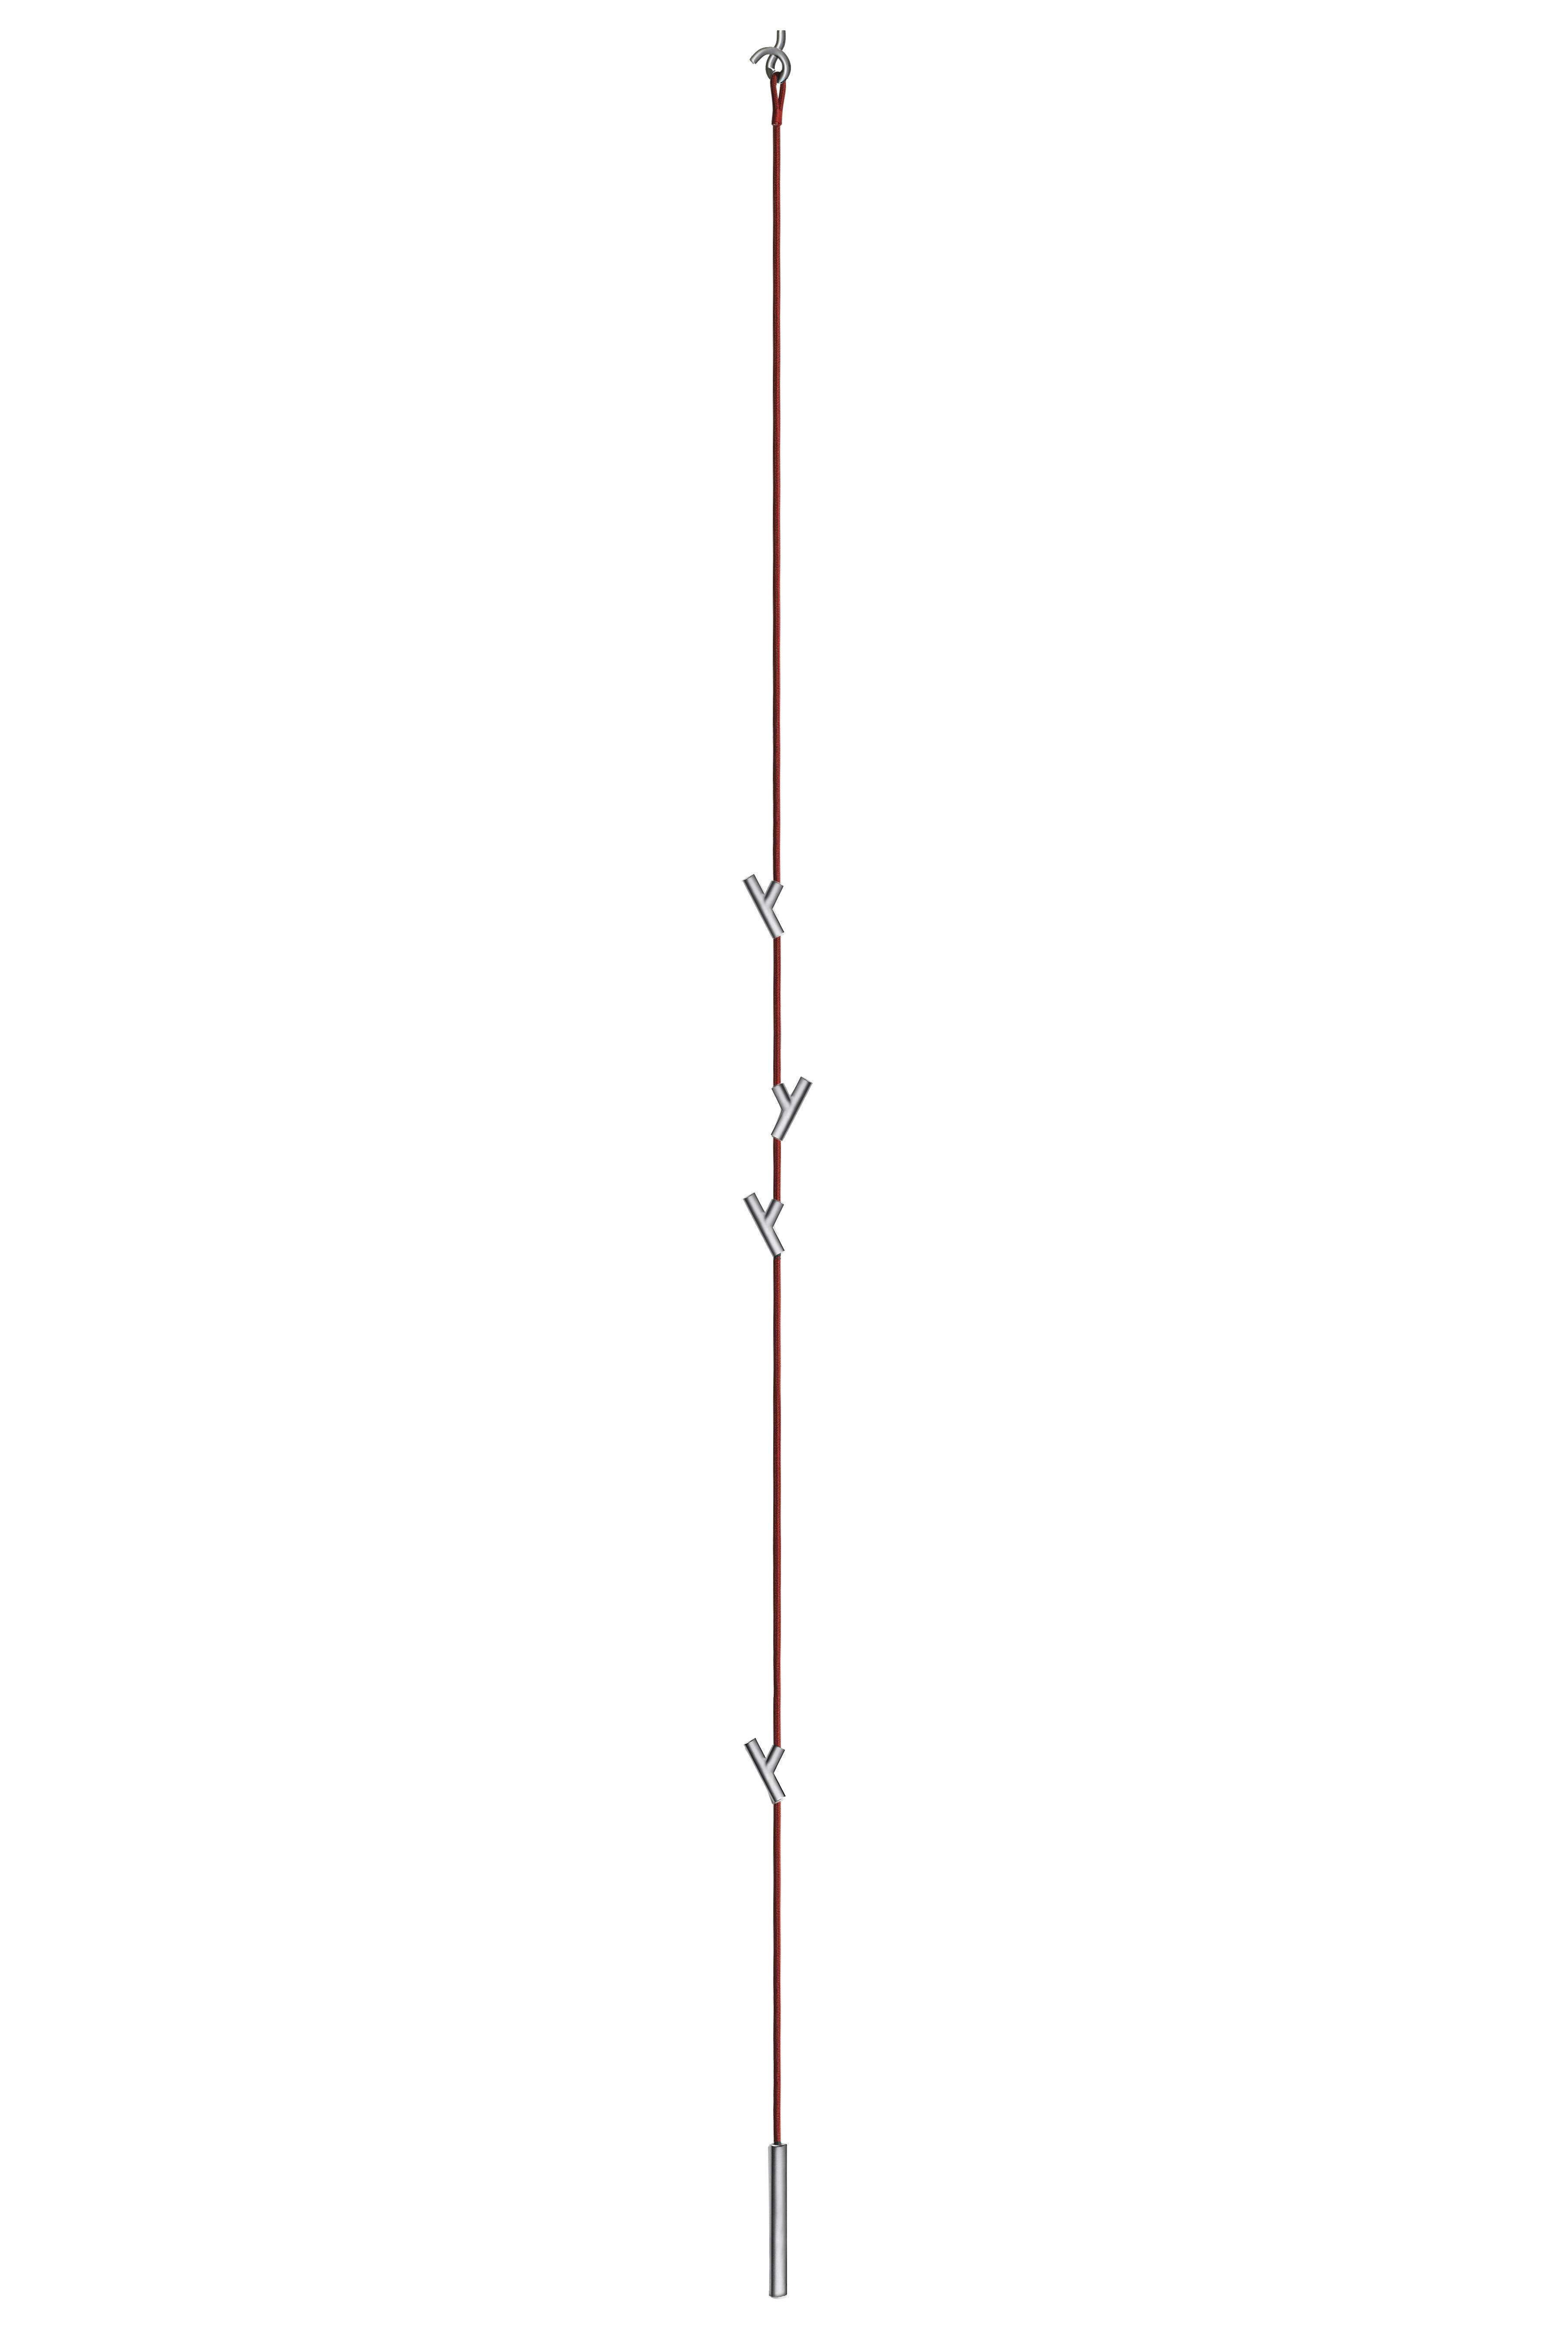 Möbel - Garderoben und Kleiderhaken - Wardrope Garderobe Hängegarderobe mit 4 Haken - Authentics - Rotes Seil / matt-verchromte Haken - Polyamid, Stahl, Zink